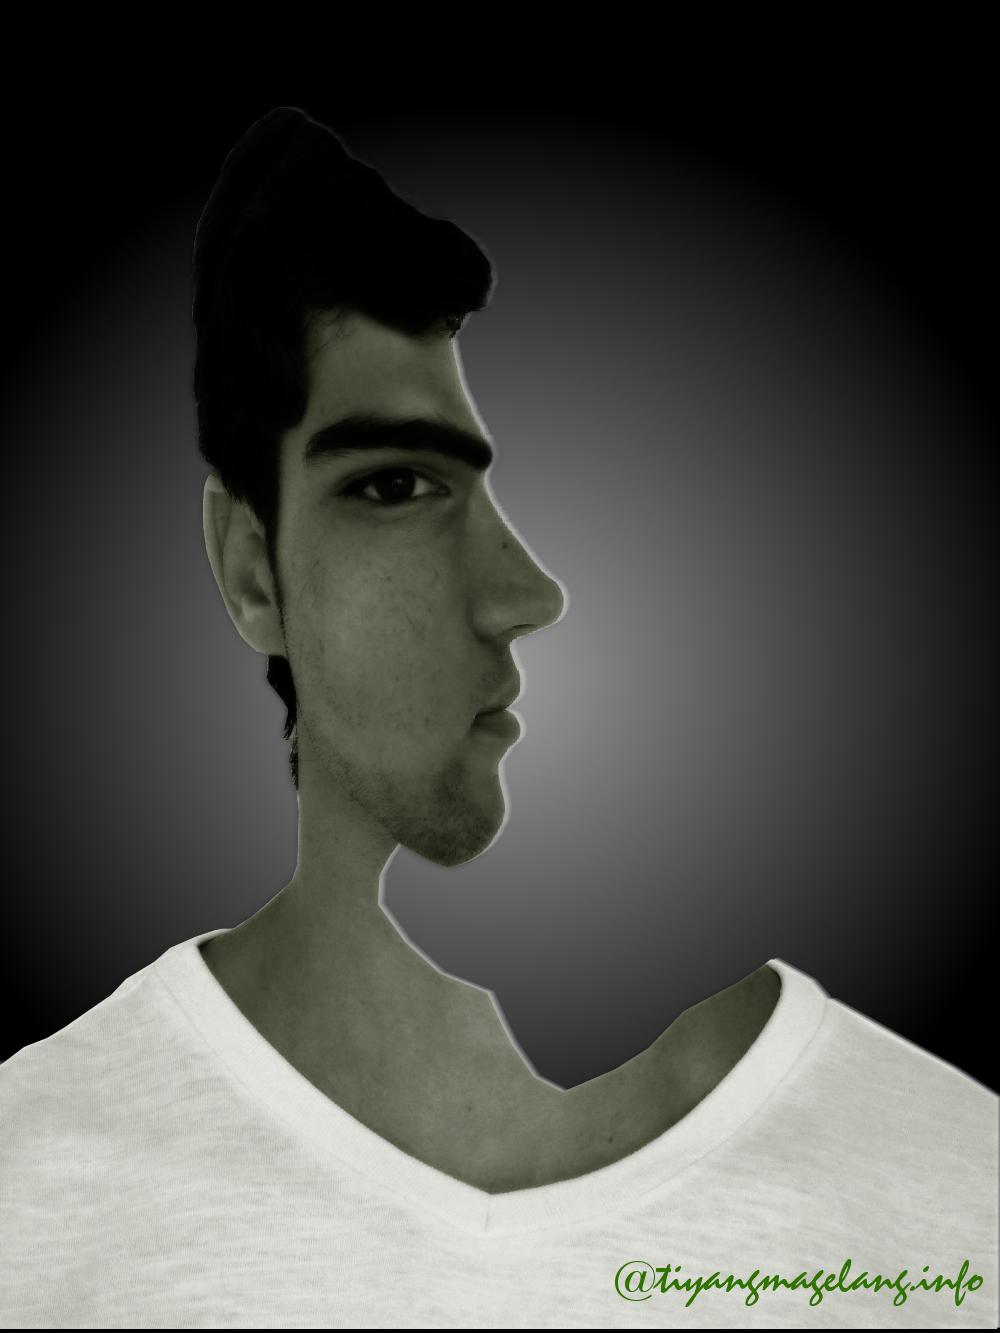 Tutorial gimp-wajah membingungkan